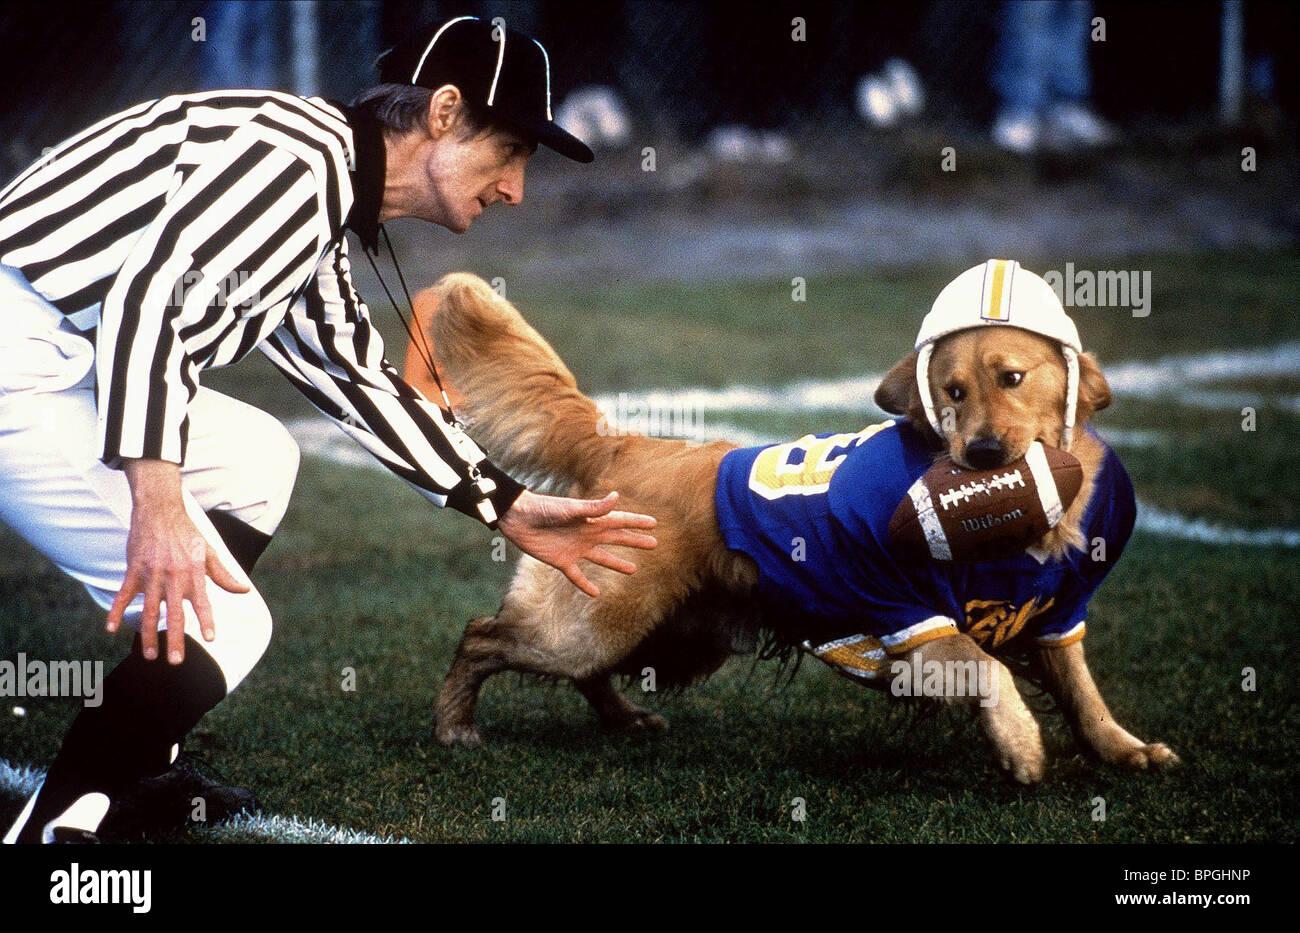 Schiedsrichter, Buddy, AIR BUD: GOLDEN EMPFÄNGER, 1998 Stockbild